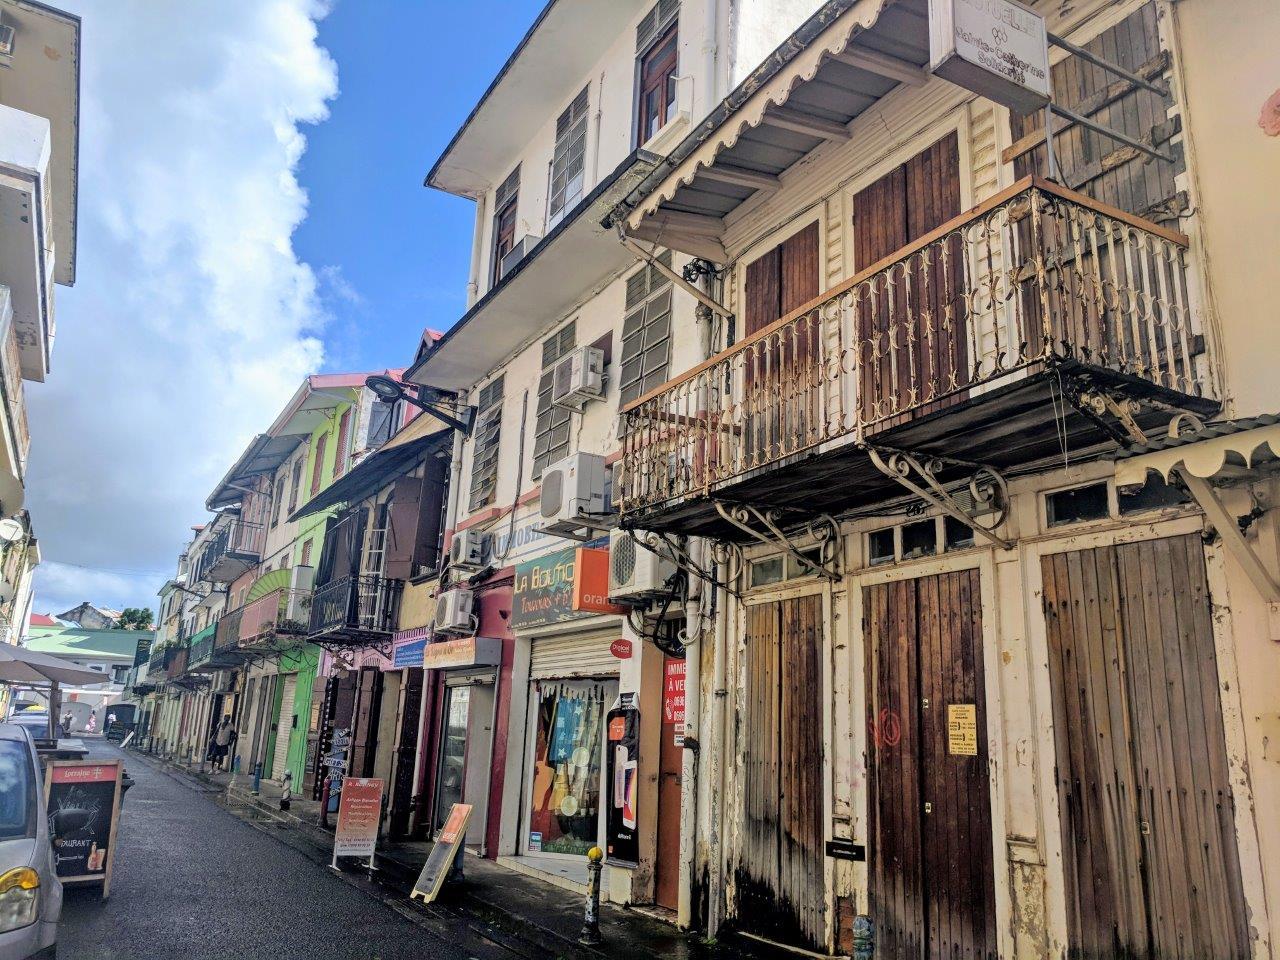 Fort de France reminds us of New Orleans